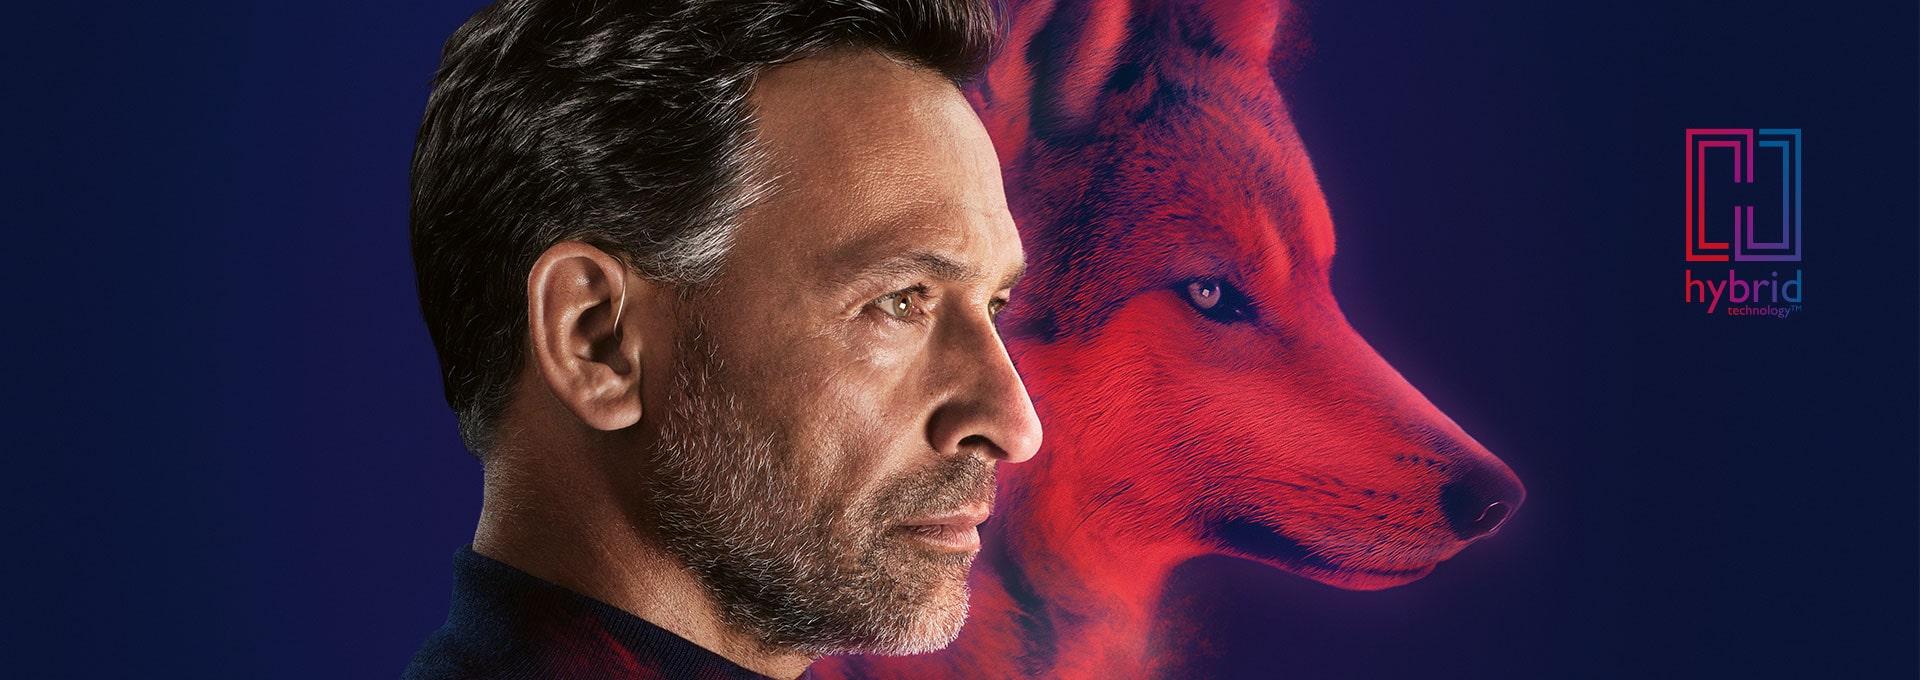 Uomo di profilo che indossa gli apparecchi acustici ricaricabili Bernafon Alpha disegnando il logo del lupo e della tecnologia ibrida